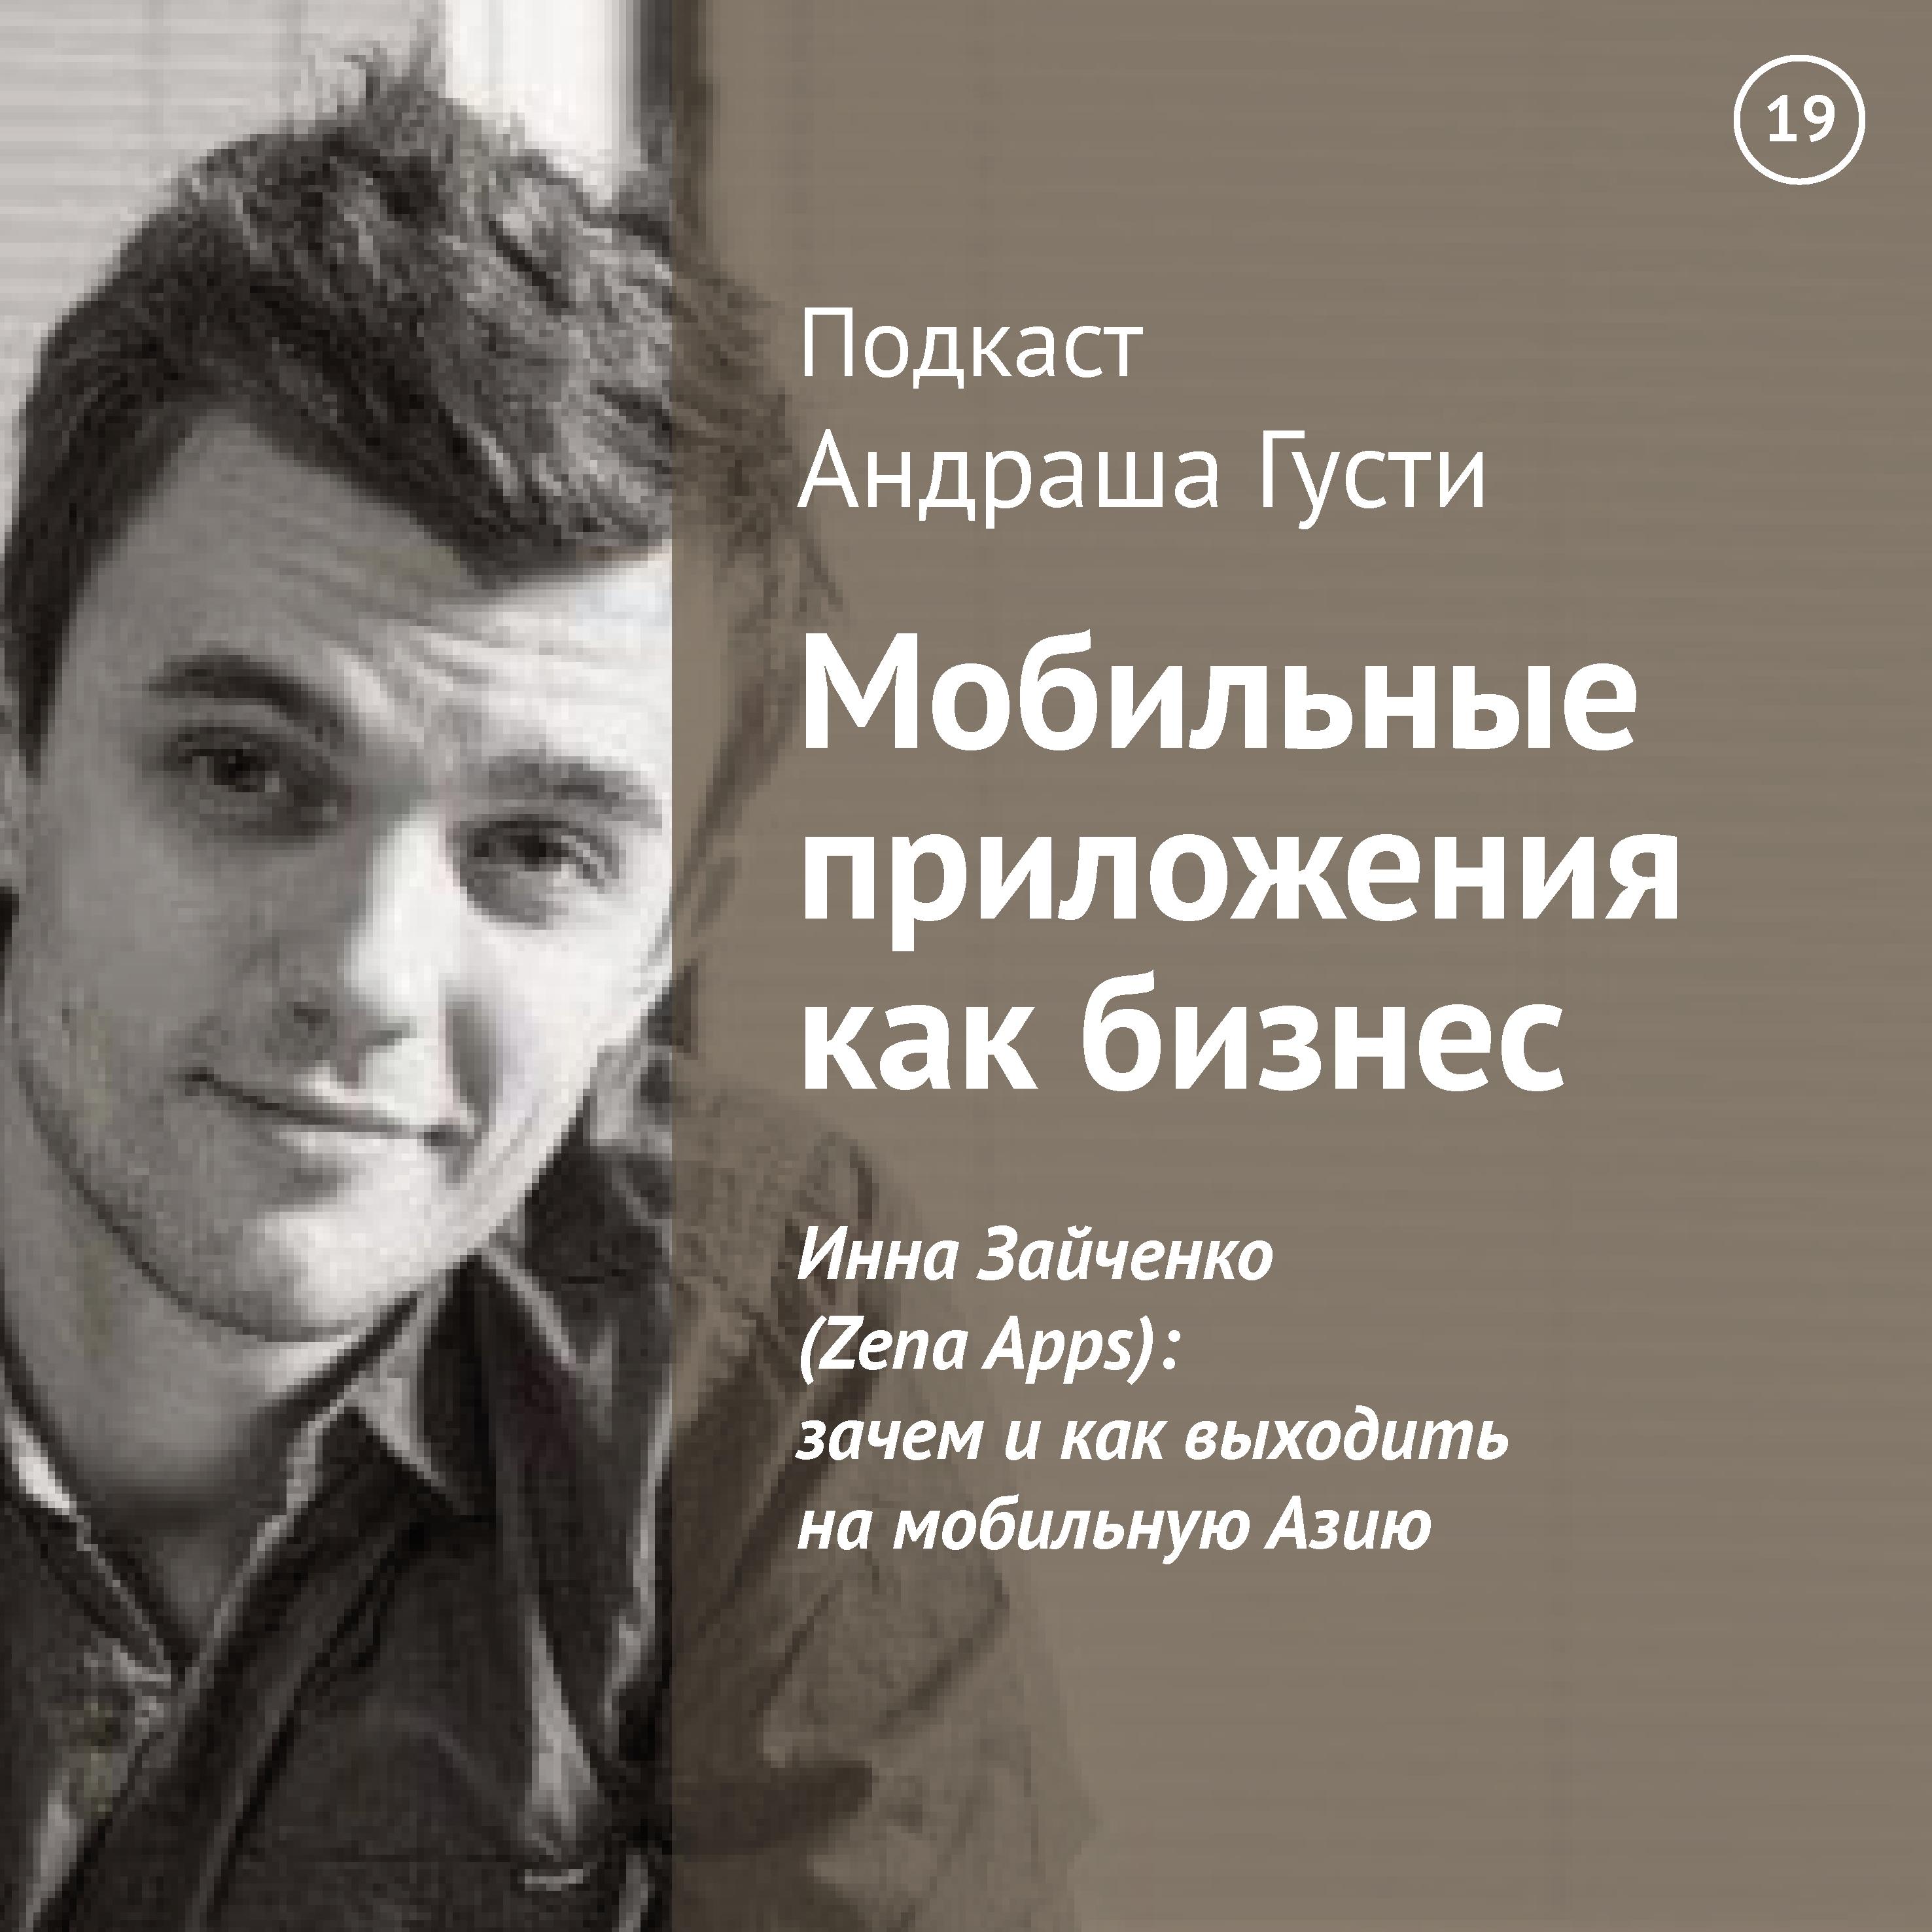 Андраш Густи Инна Зайченко (Zena Apps): зачем и как выходить на мобильную Азию